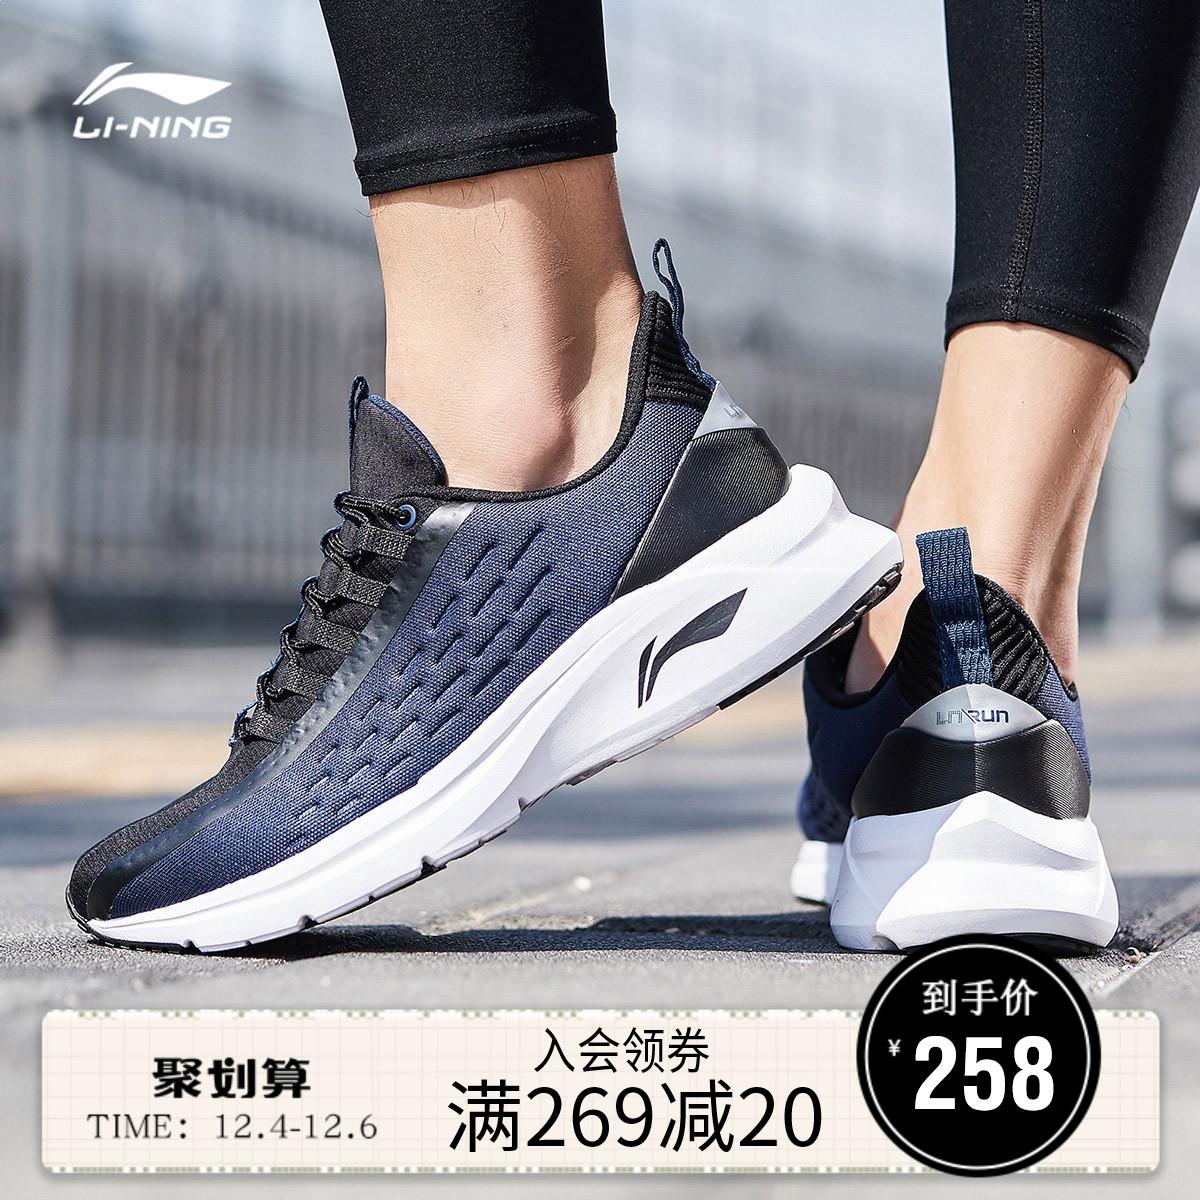 李宁跑步鞋男鞋2019新款云雀跑鞋休闲男士低帮运动鞋ARHP163